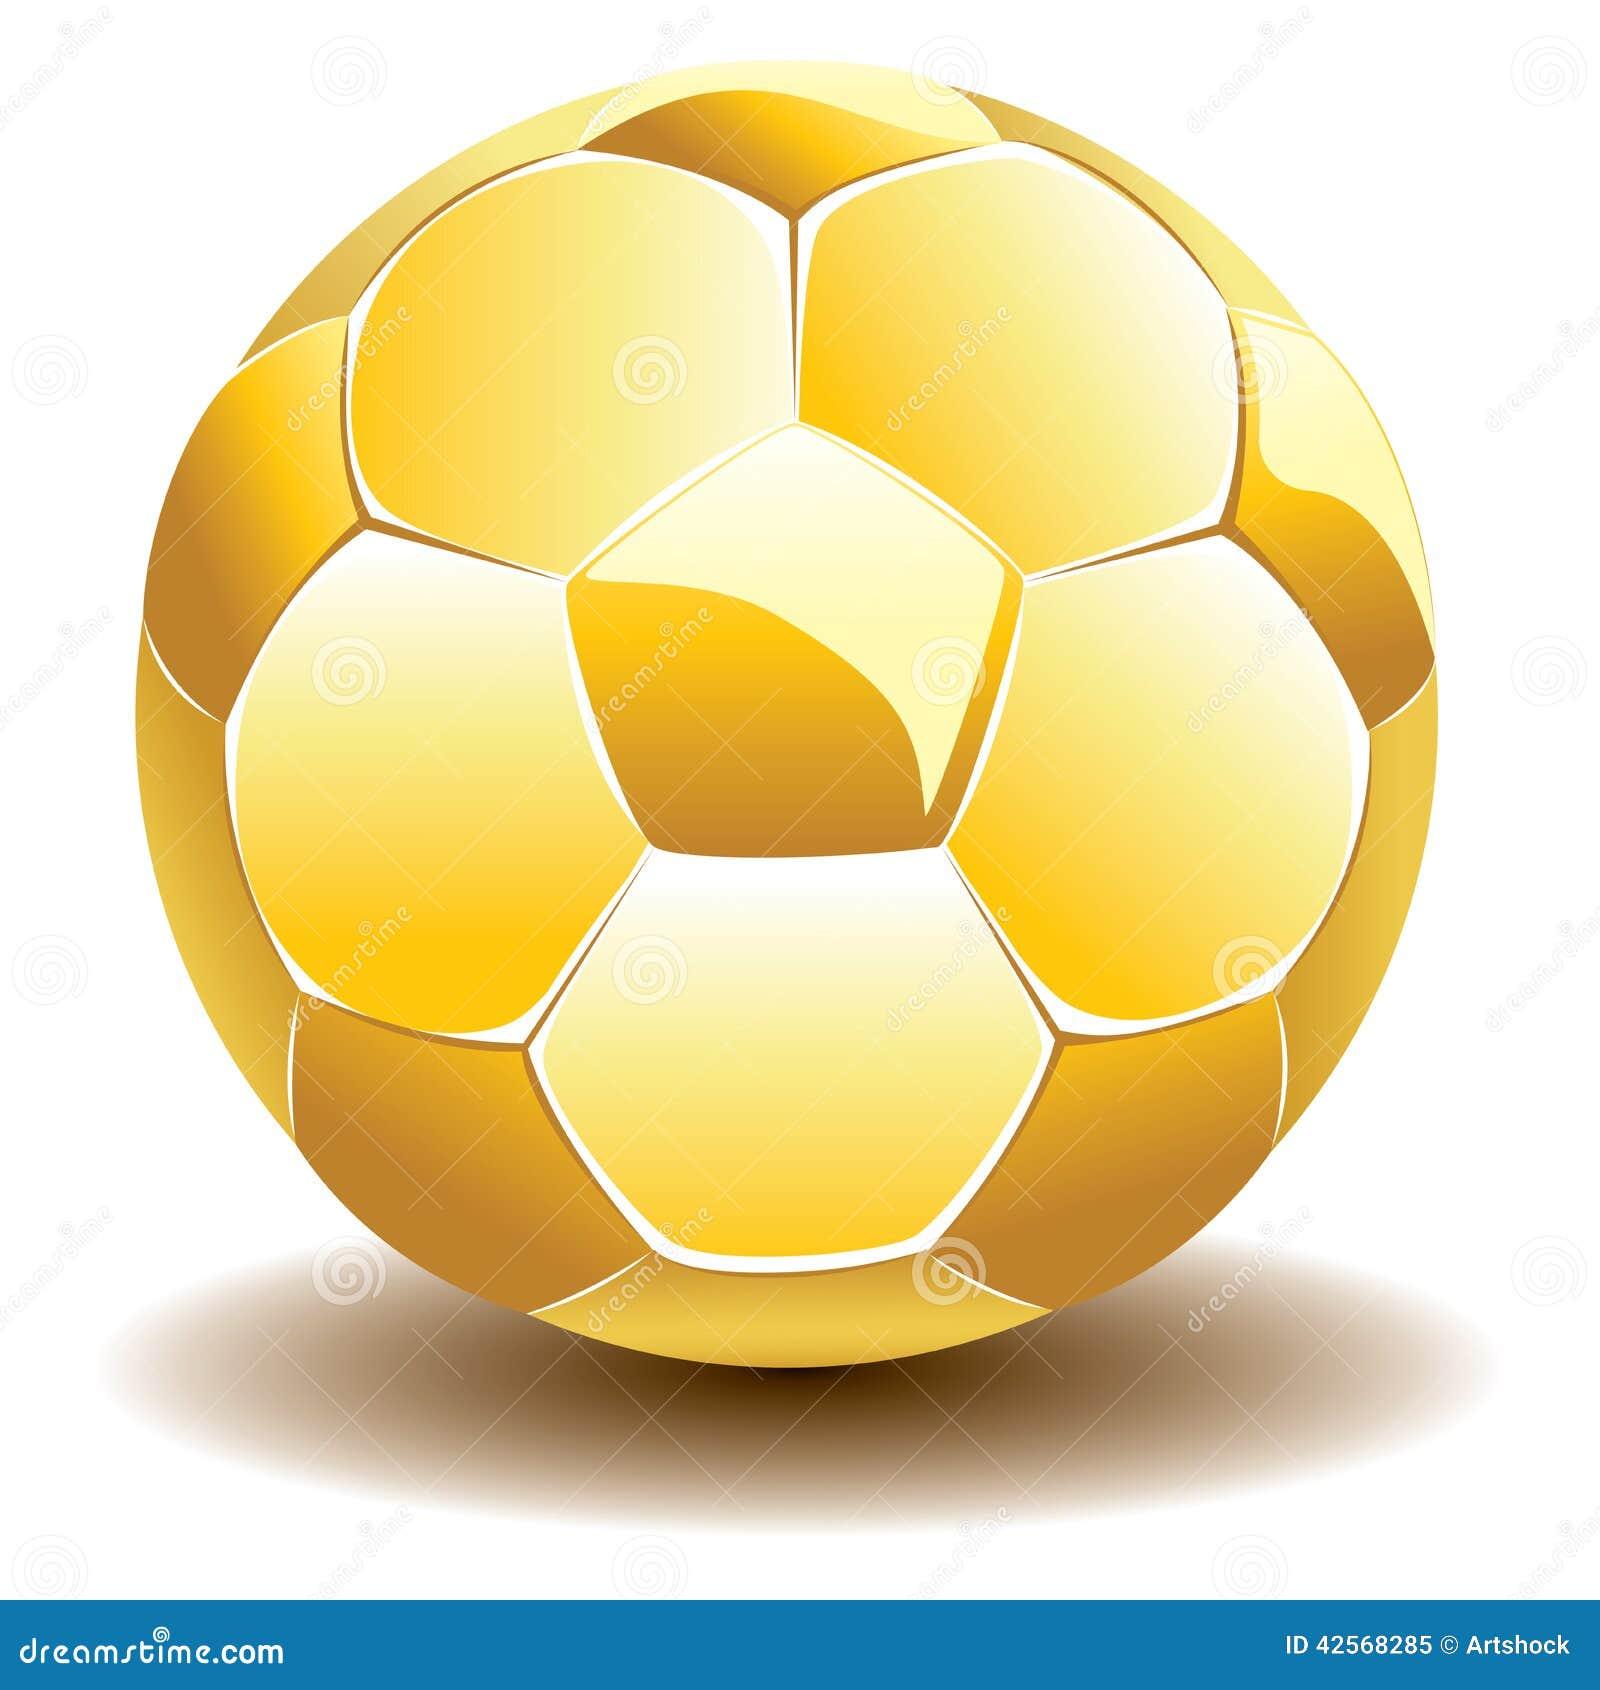 0e4aa43c8 Golden Soccer Ball stock vector. Illustration of soccer - 42568285